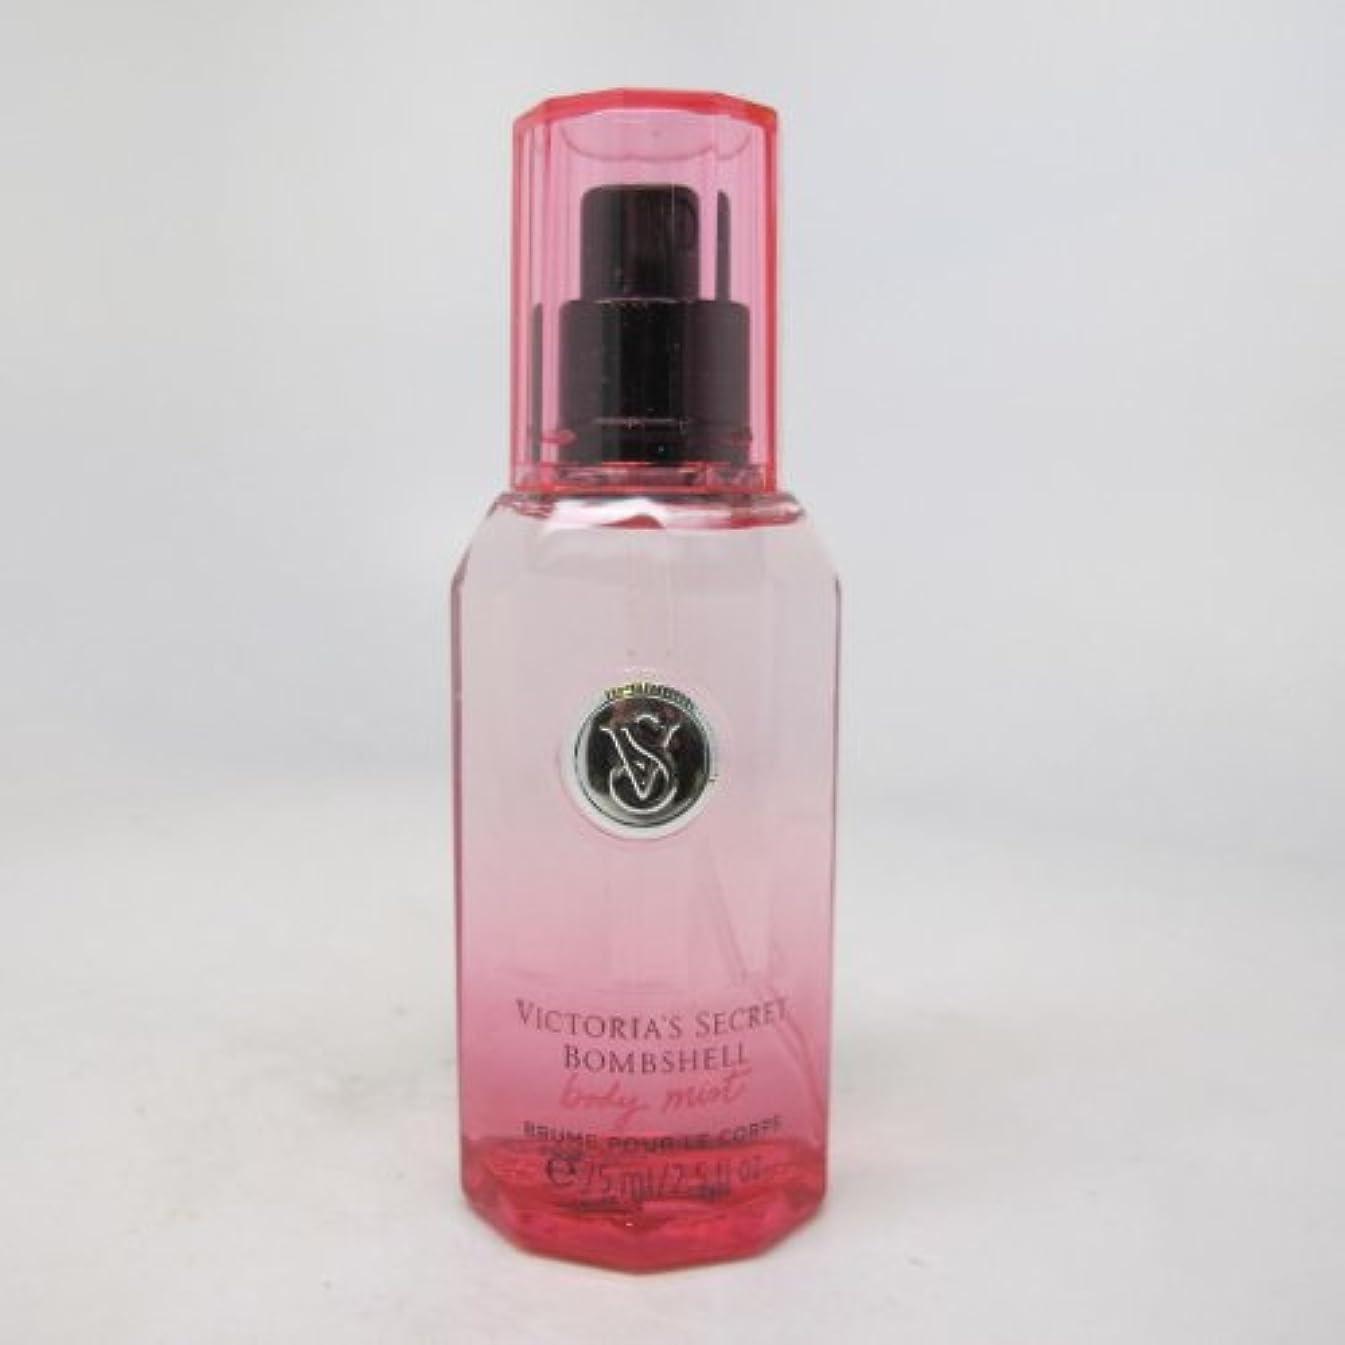 段階コンテンツ海外Bombshell (ボム シェル) 2.5 oz (75ml) Body Mist by Victoria Secret for Women[海外直送品]